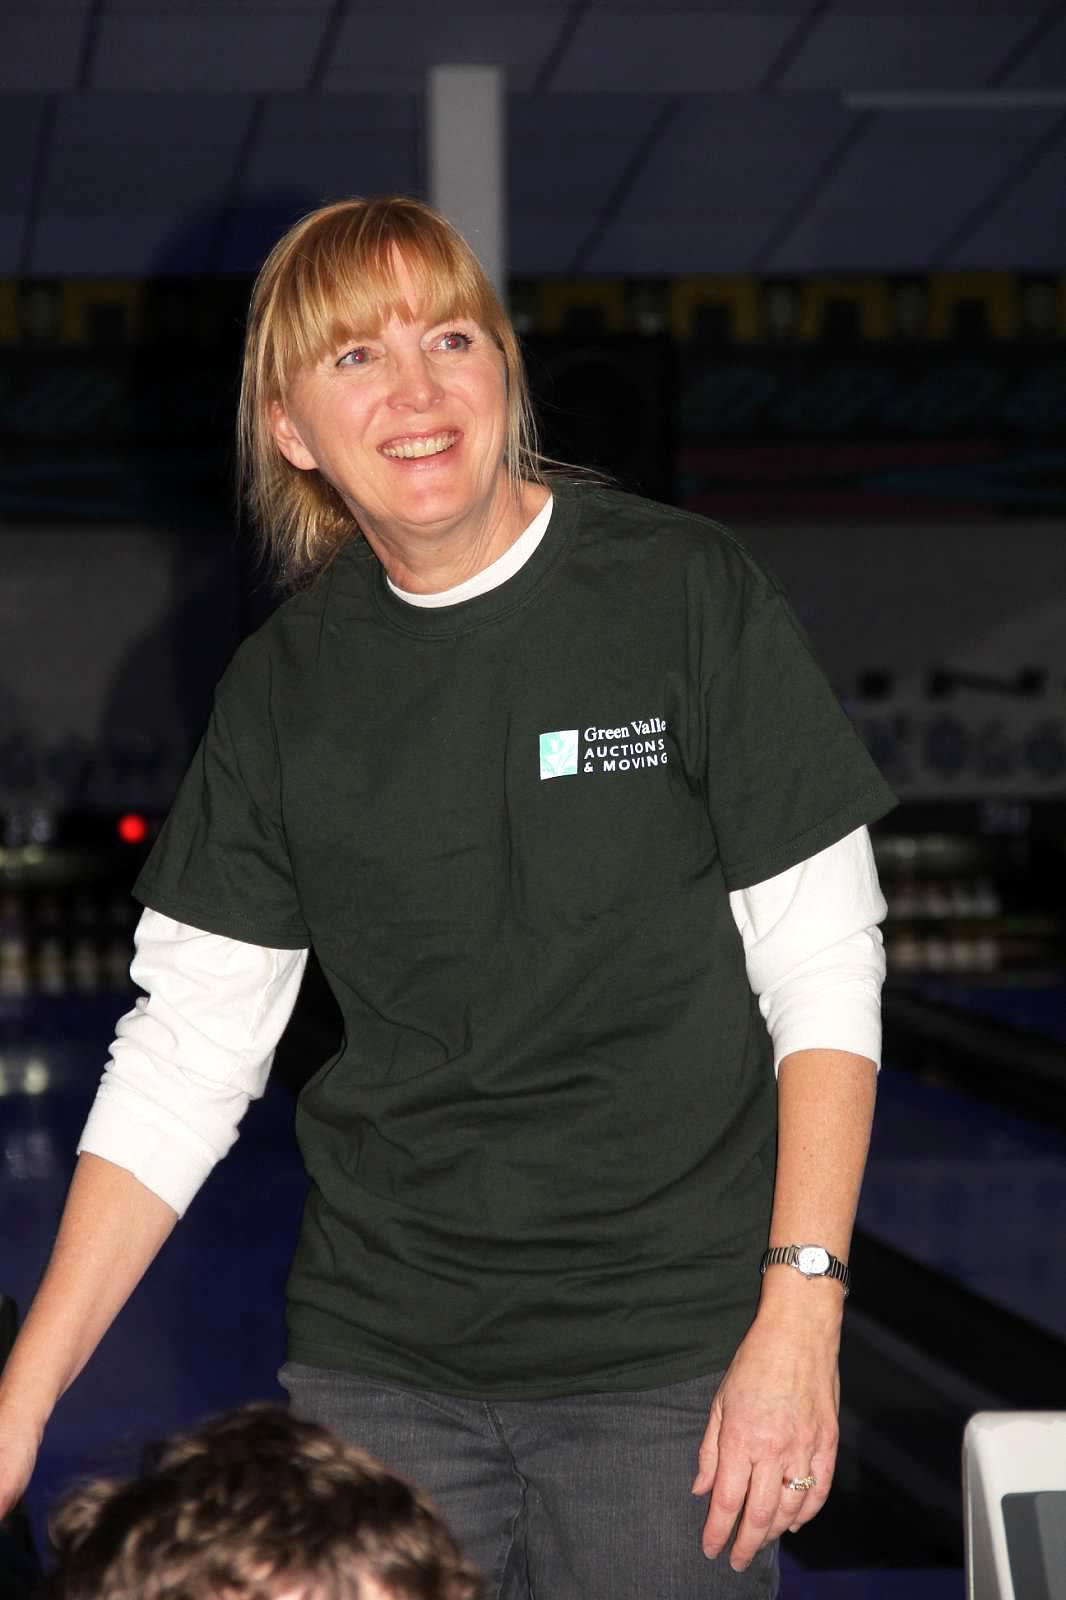 Green Valley bowler at Bowl For Kids' Sake